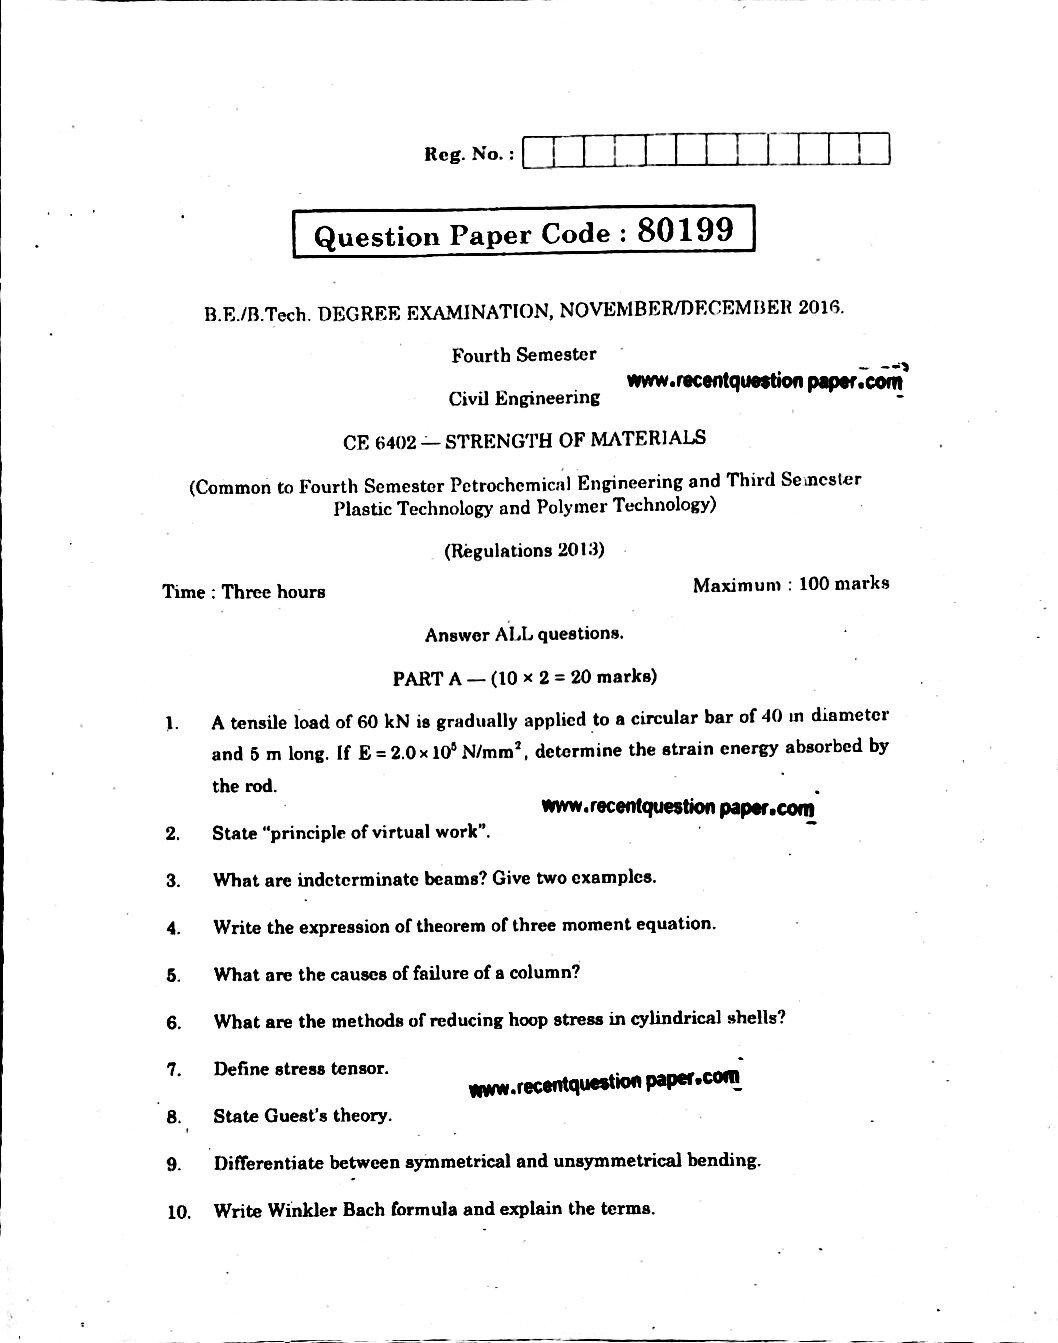 CE6402 Strength Of Materials Anna University Question paper Nov/Dec 2016